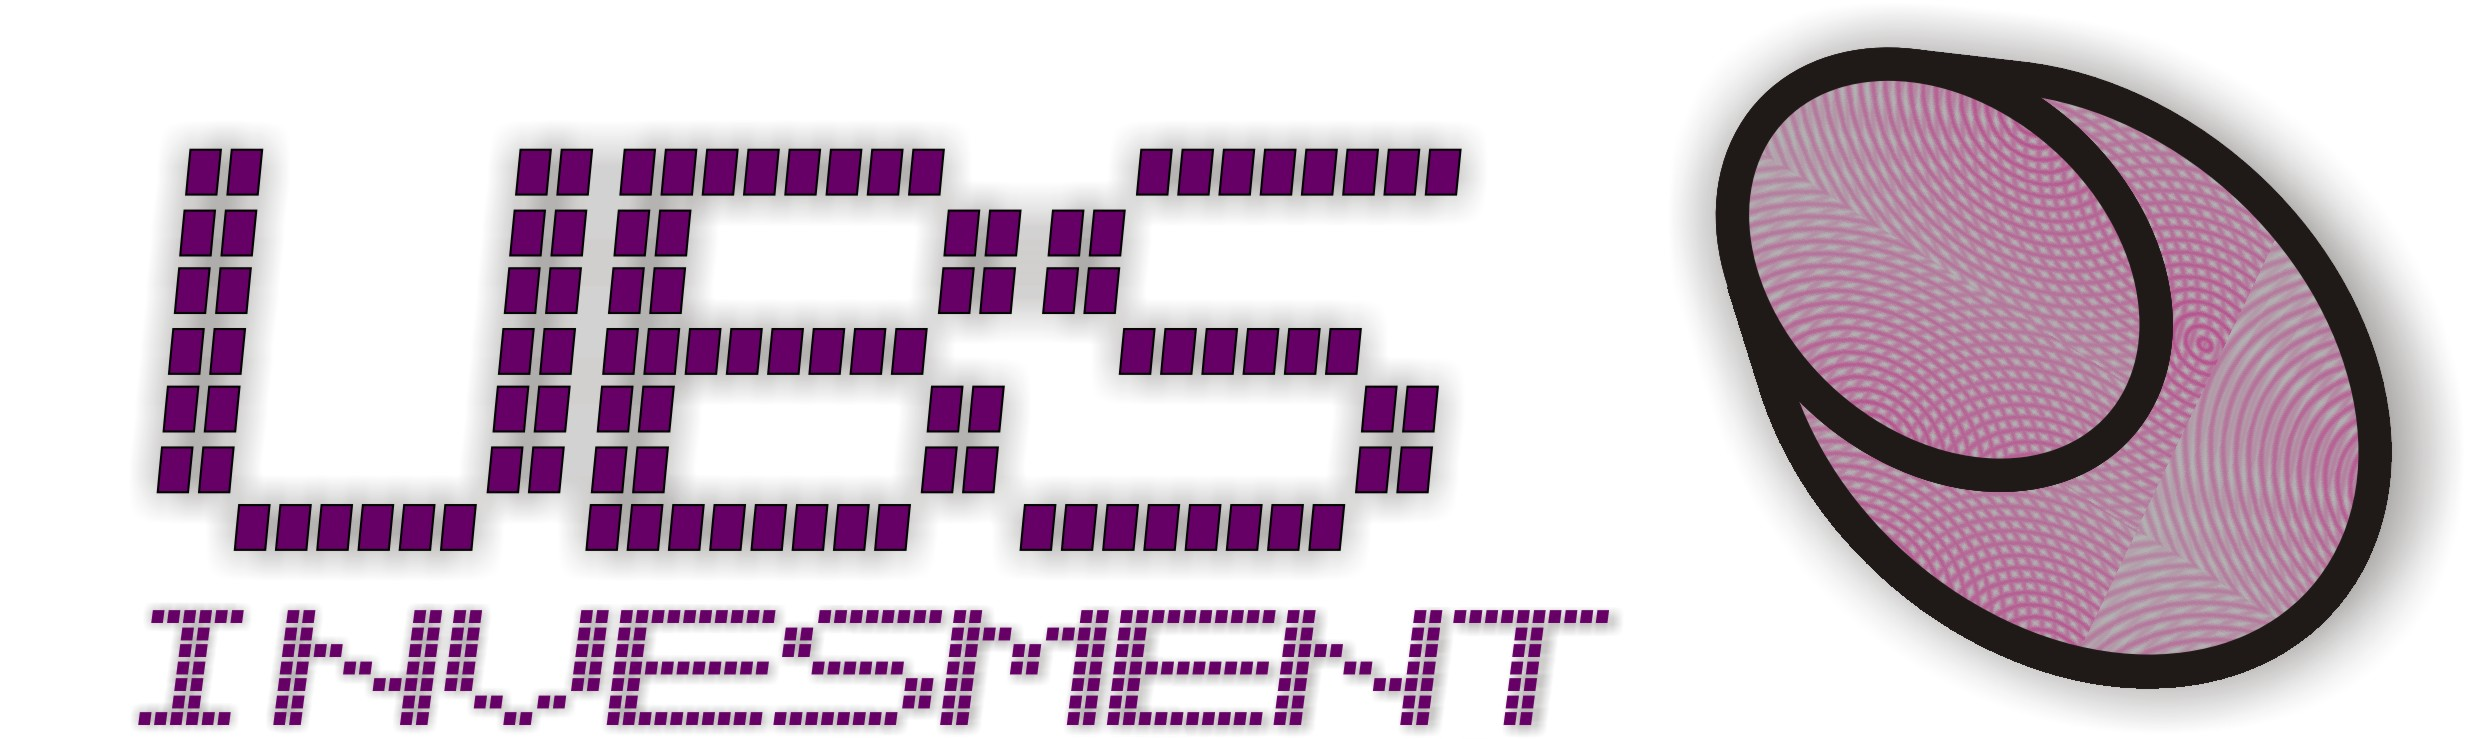 Разработка логотипа компании фото f_4e9afb6d8b760.jpg